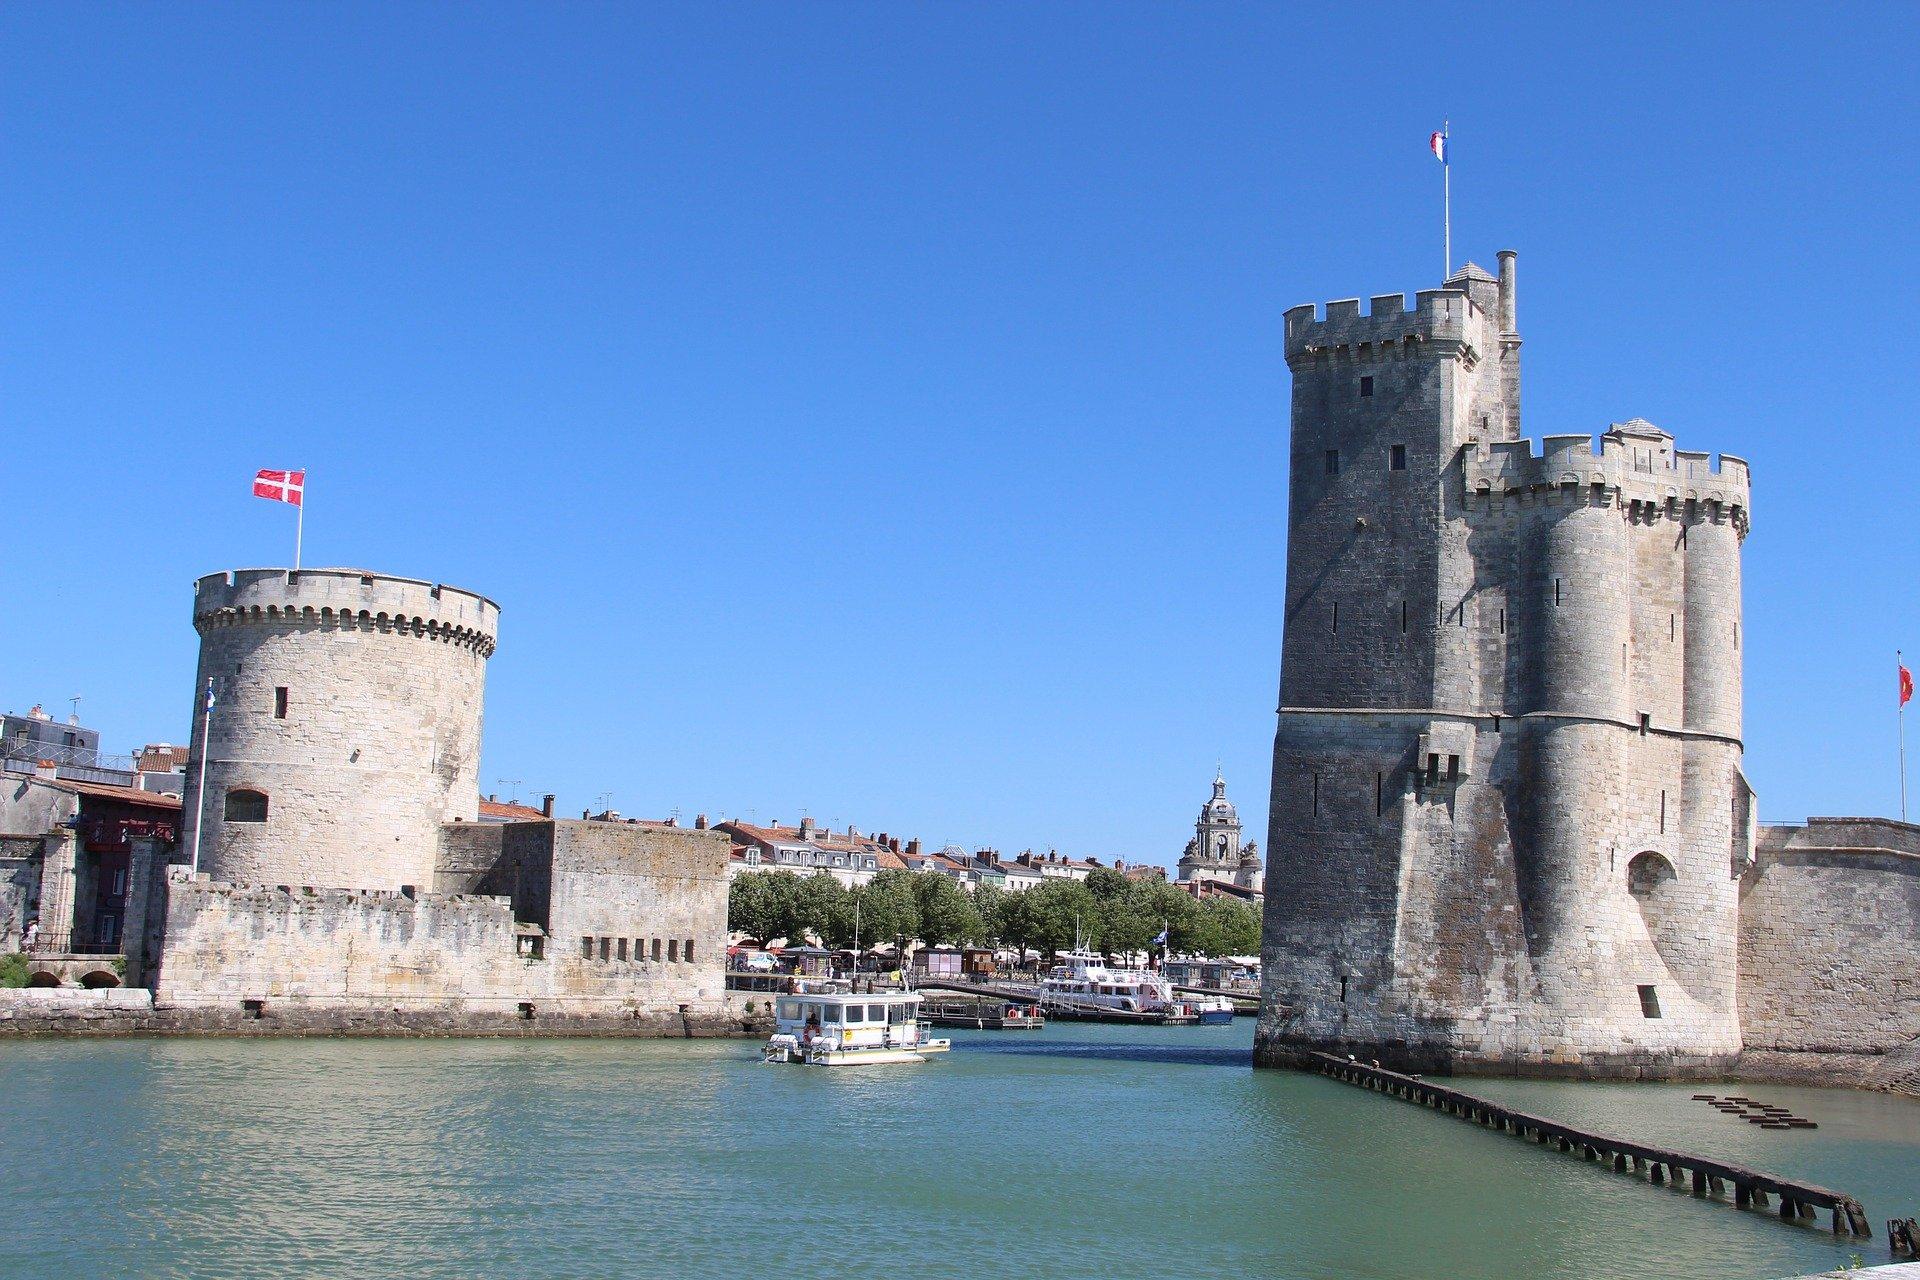 meilleur itineraire velo : La Rochelle